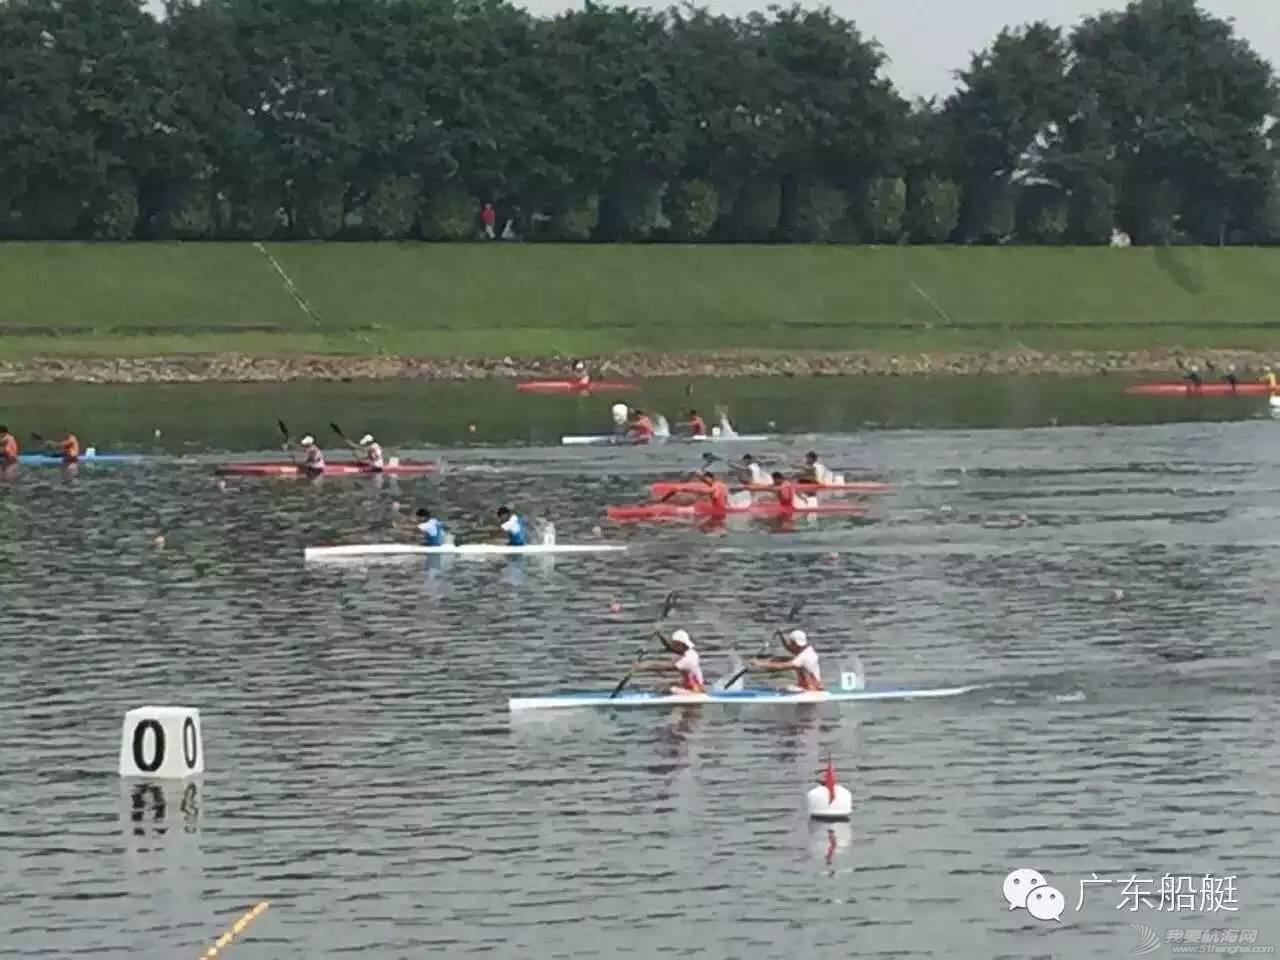 2015年全国皮划艇(静水)锦标赛正式开赛 c9f0c9098114ab8ab41a6830c6725b30.jpg